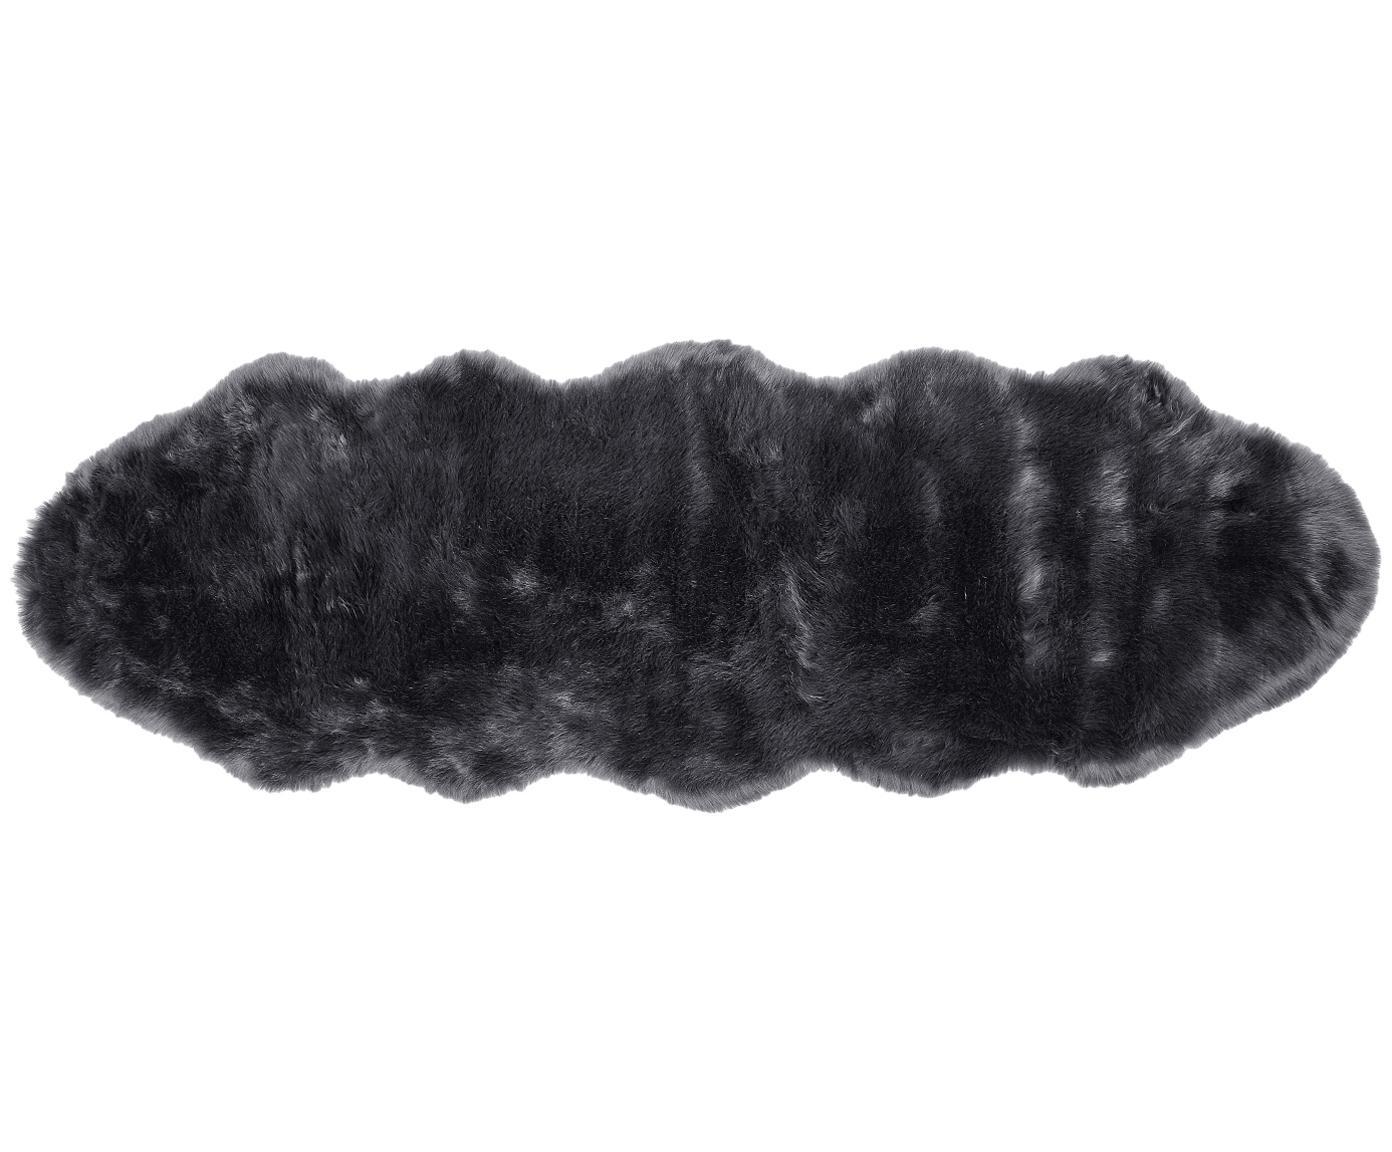 Alfombra de piel sintética Mathilde, lisa, Parte superior: 65% acrílico, 35% poliést, Parte trasera: 100%poliéster, Gris oscuro, An 60 x L 180 cm